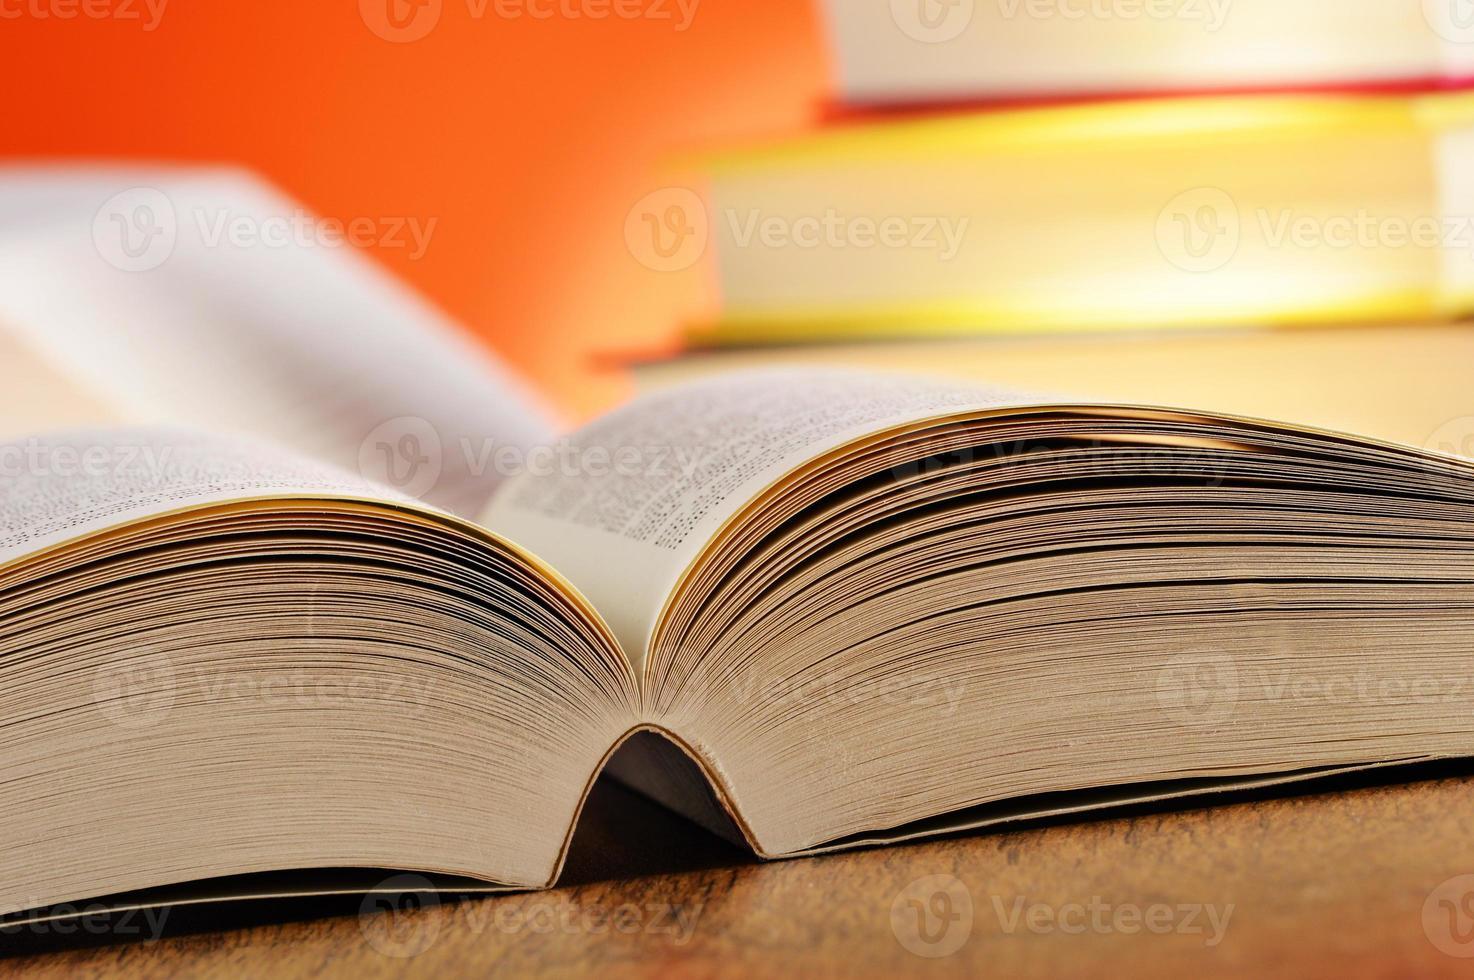 compositie met boeken op tafel foto